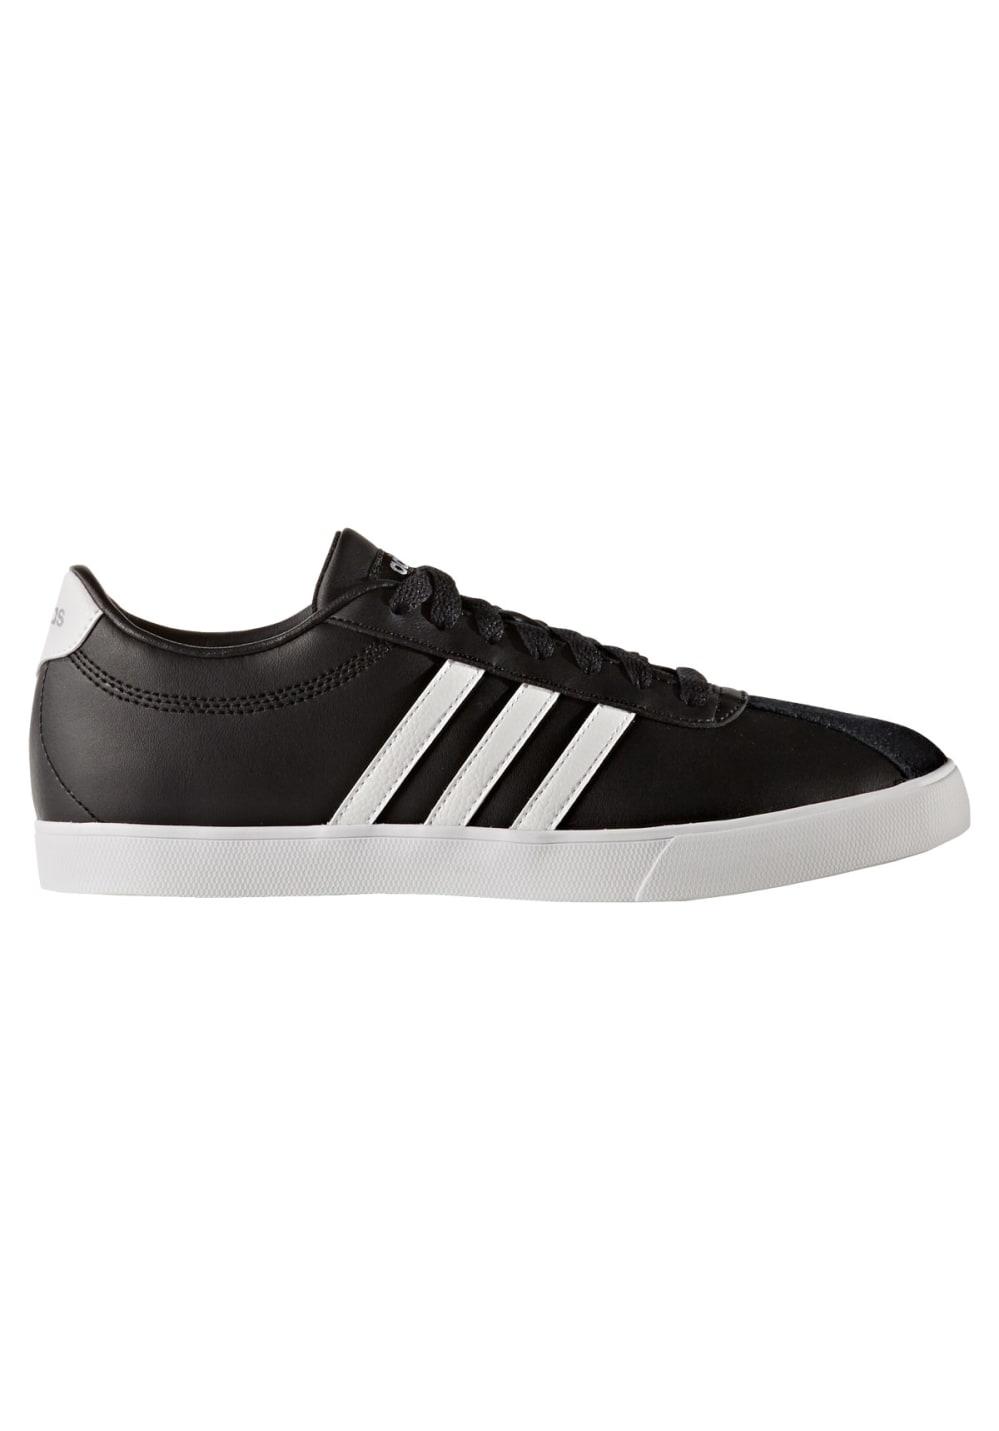 Sneakers für Frauen - adidas neo Courtset Sneaker für Damen Schwarz  - Onlineshop 21Run